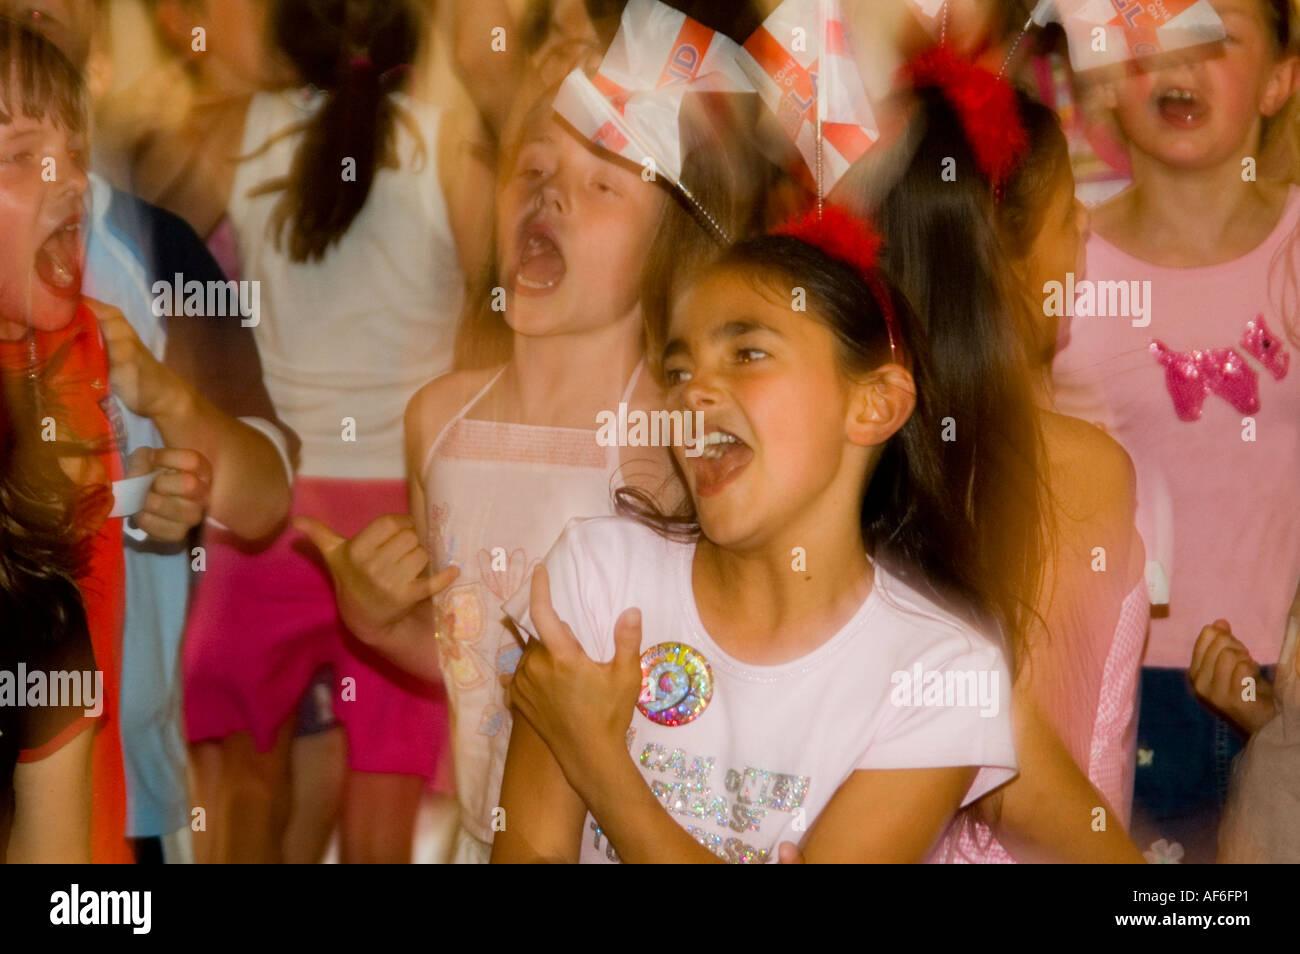 Chiudere orizzontale di ragazze giovani cantare e ballare la musica pop in una nona festa di compleanno. Immagini Stock